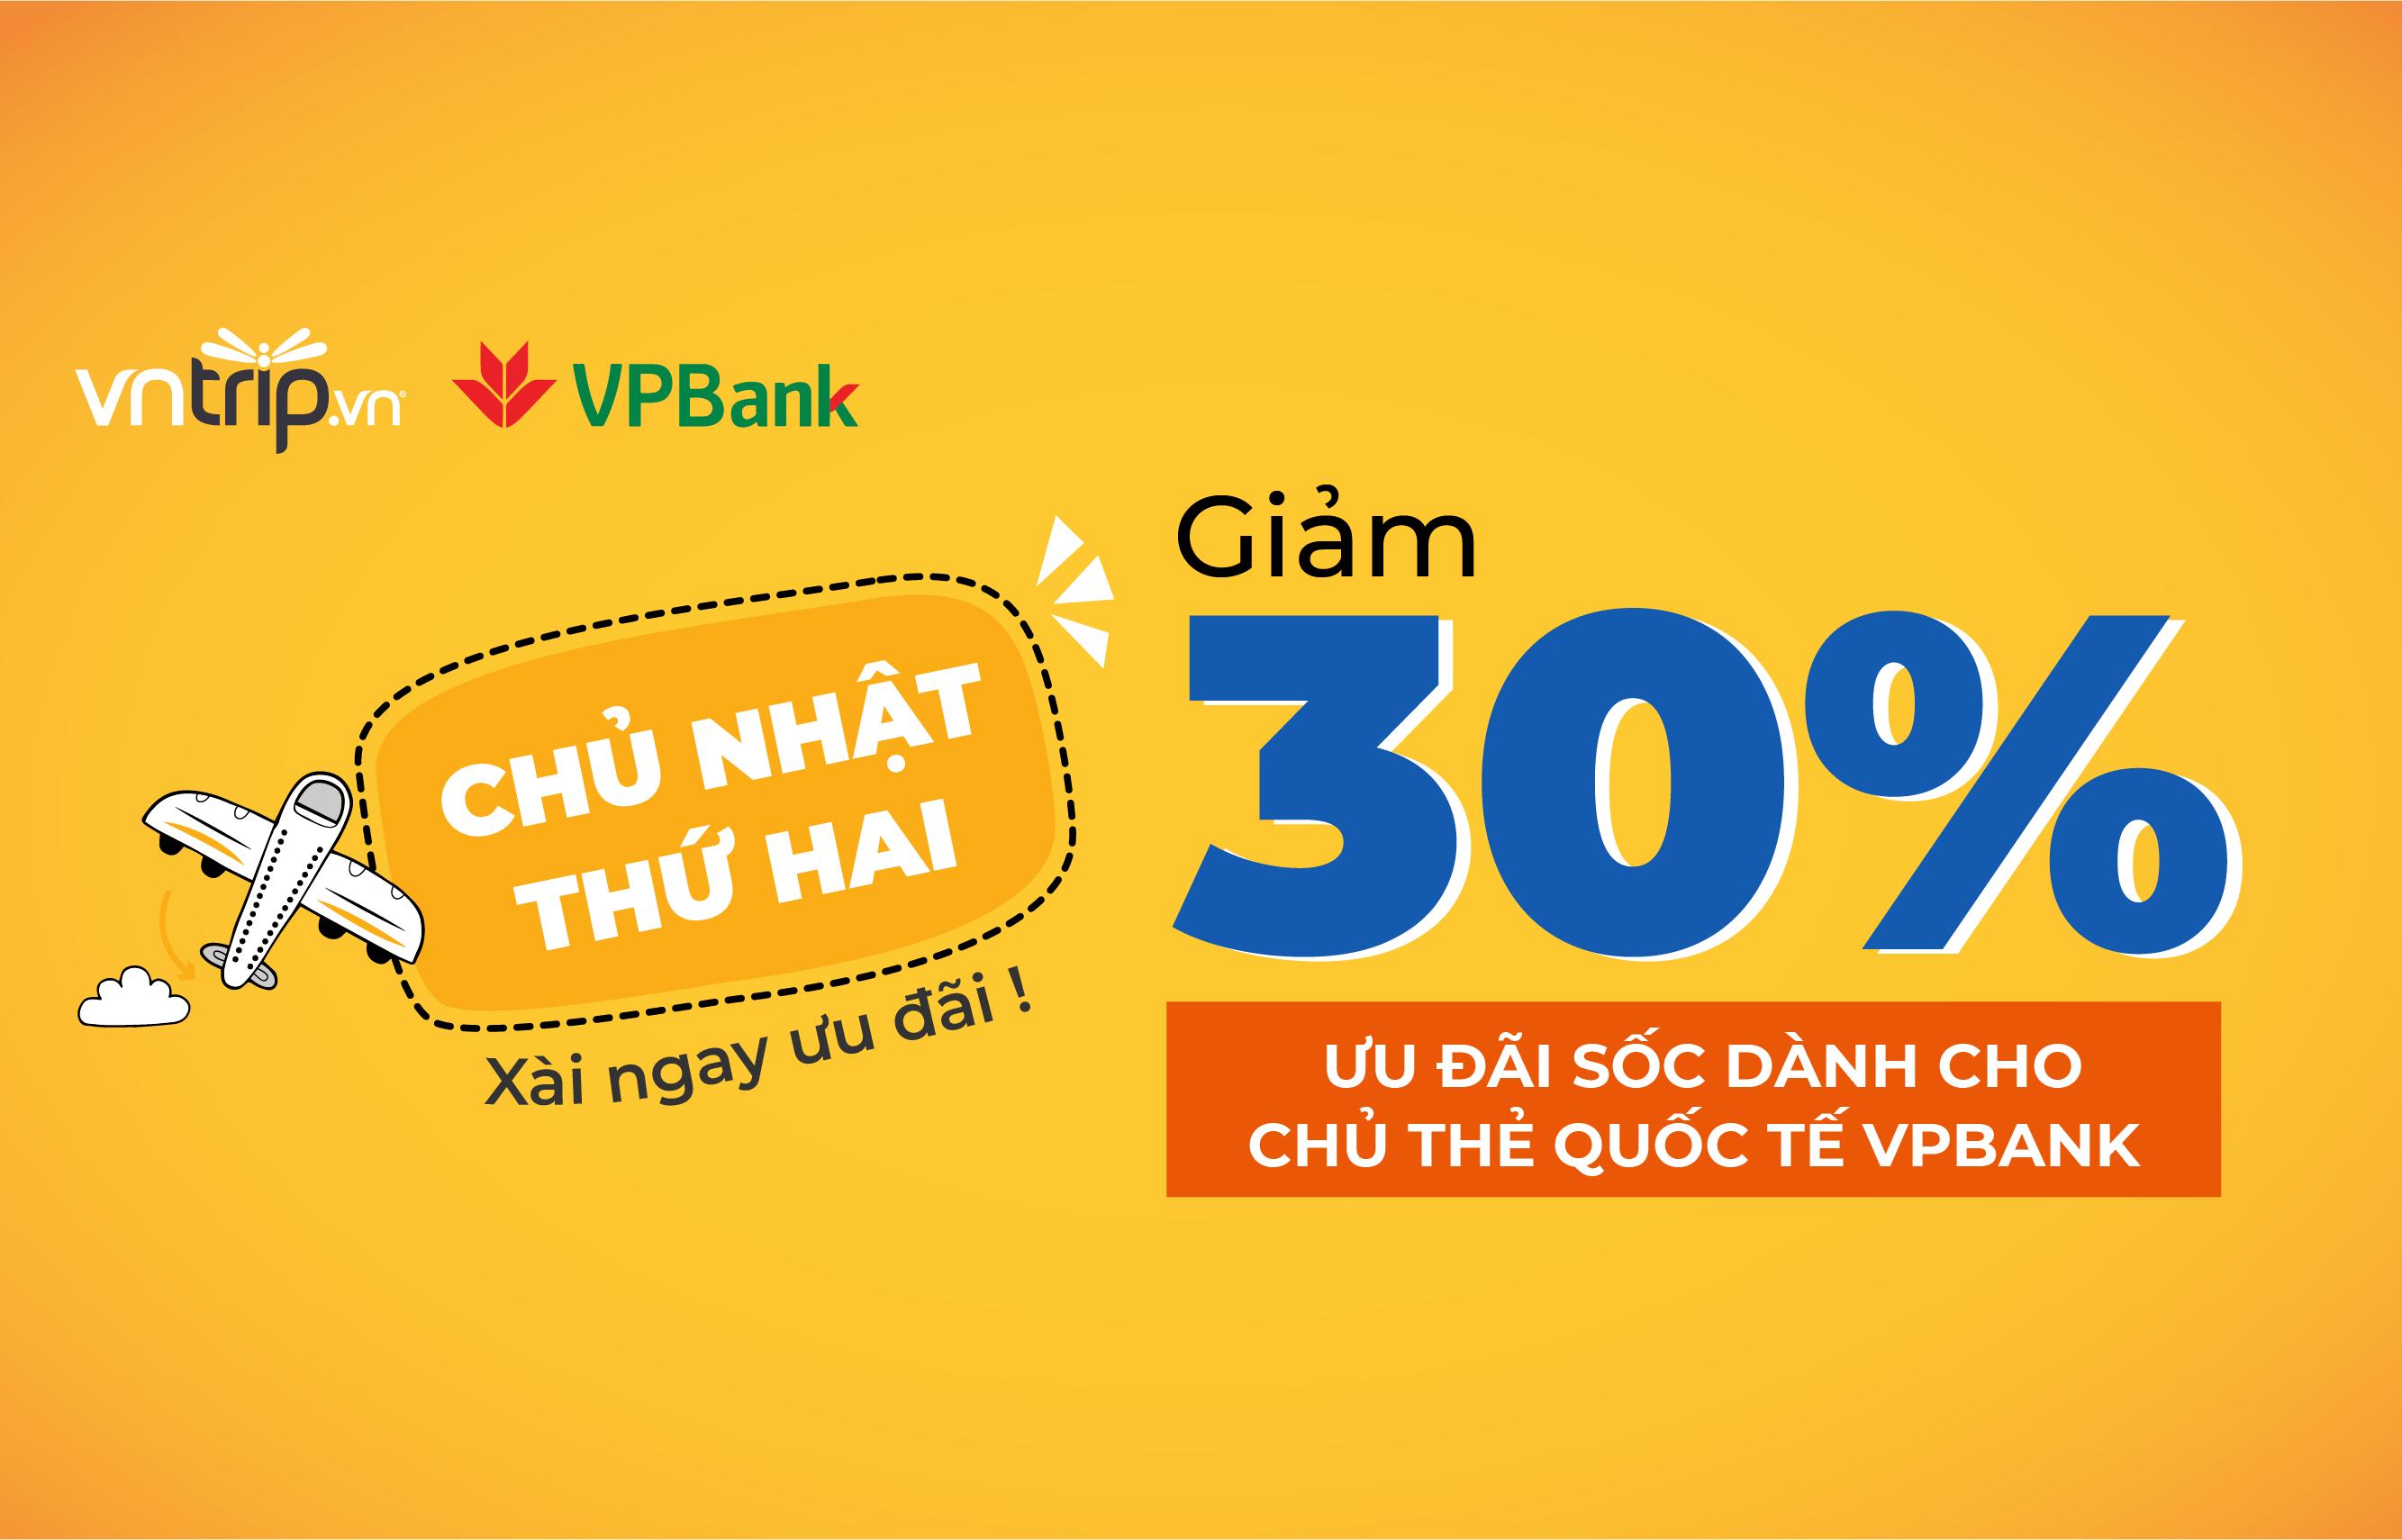 Đặt phòng quá dễ – Giảm ngay 30% cho chủ thẻ quốc tế VPBANK